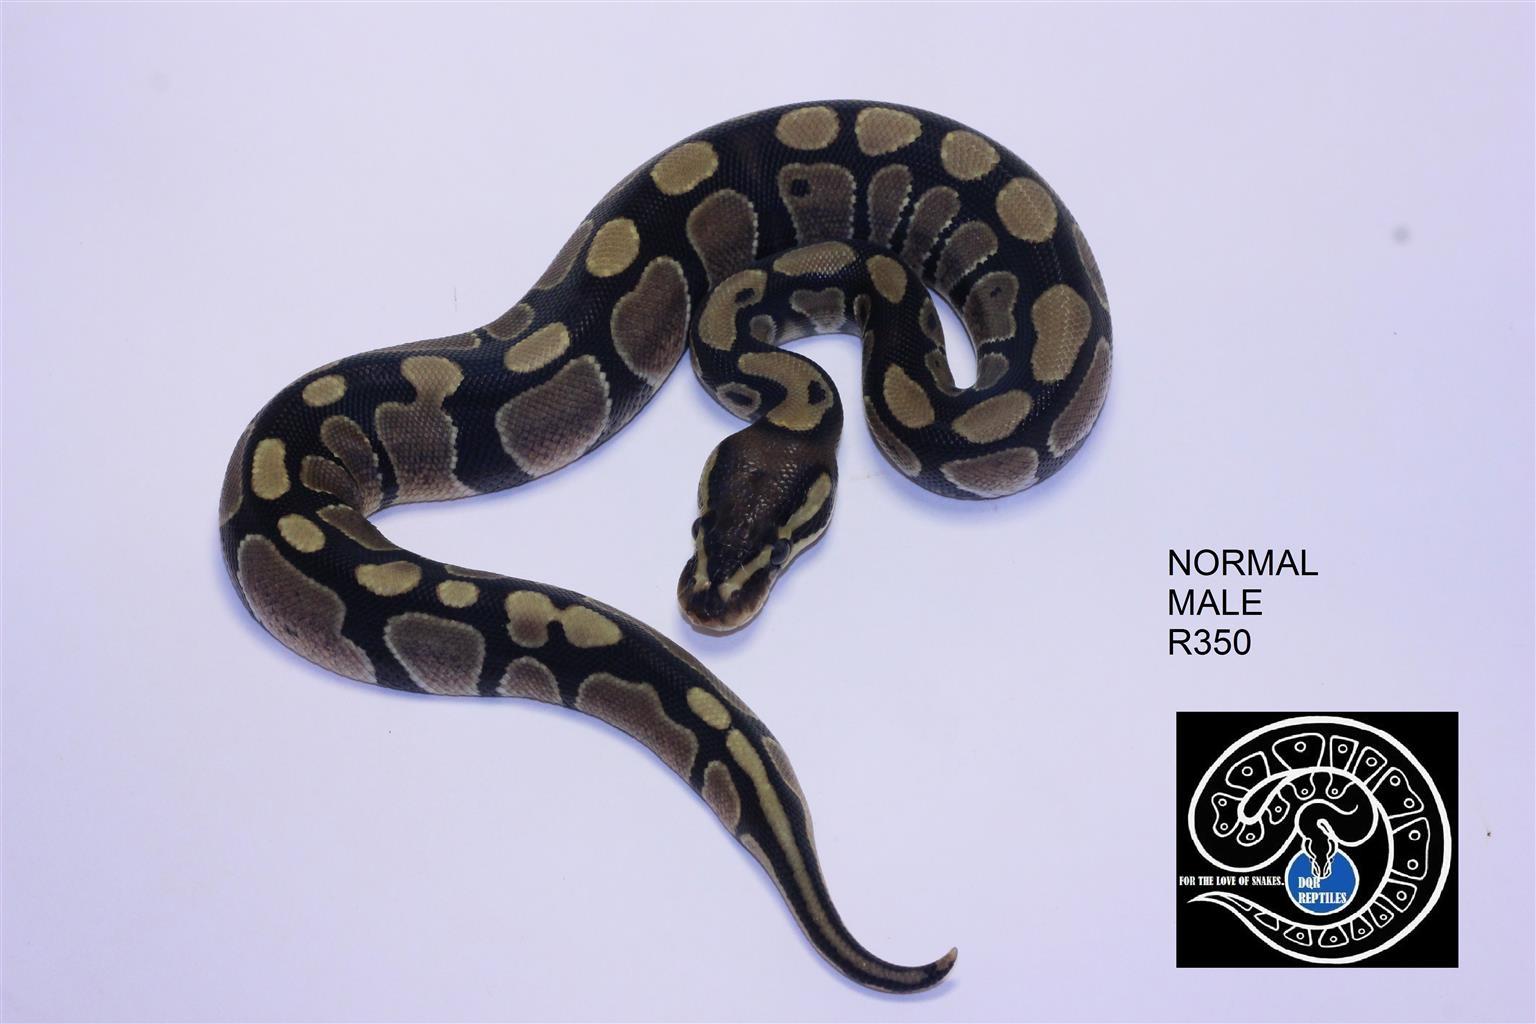 Ball python babies